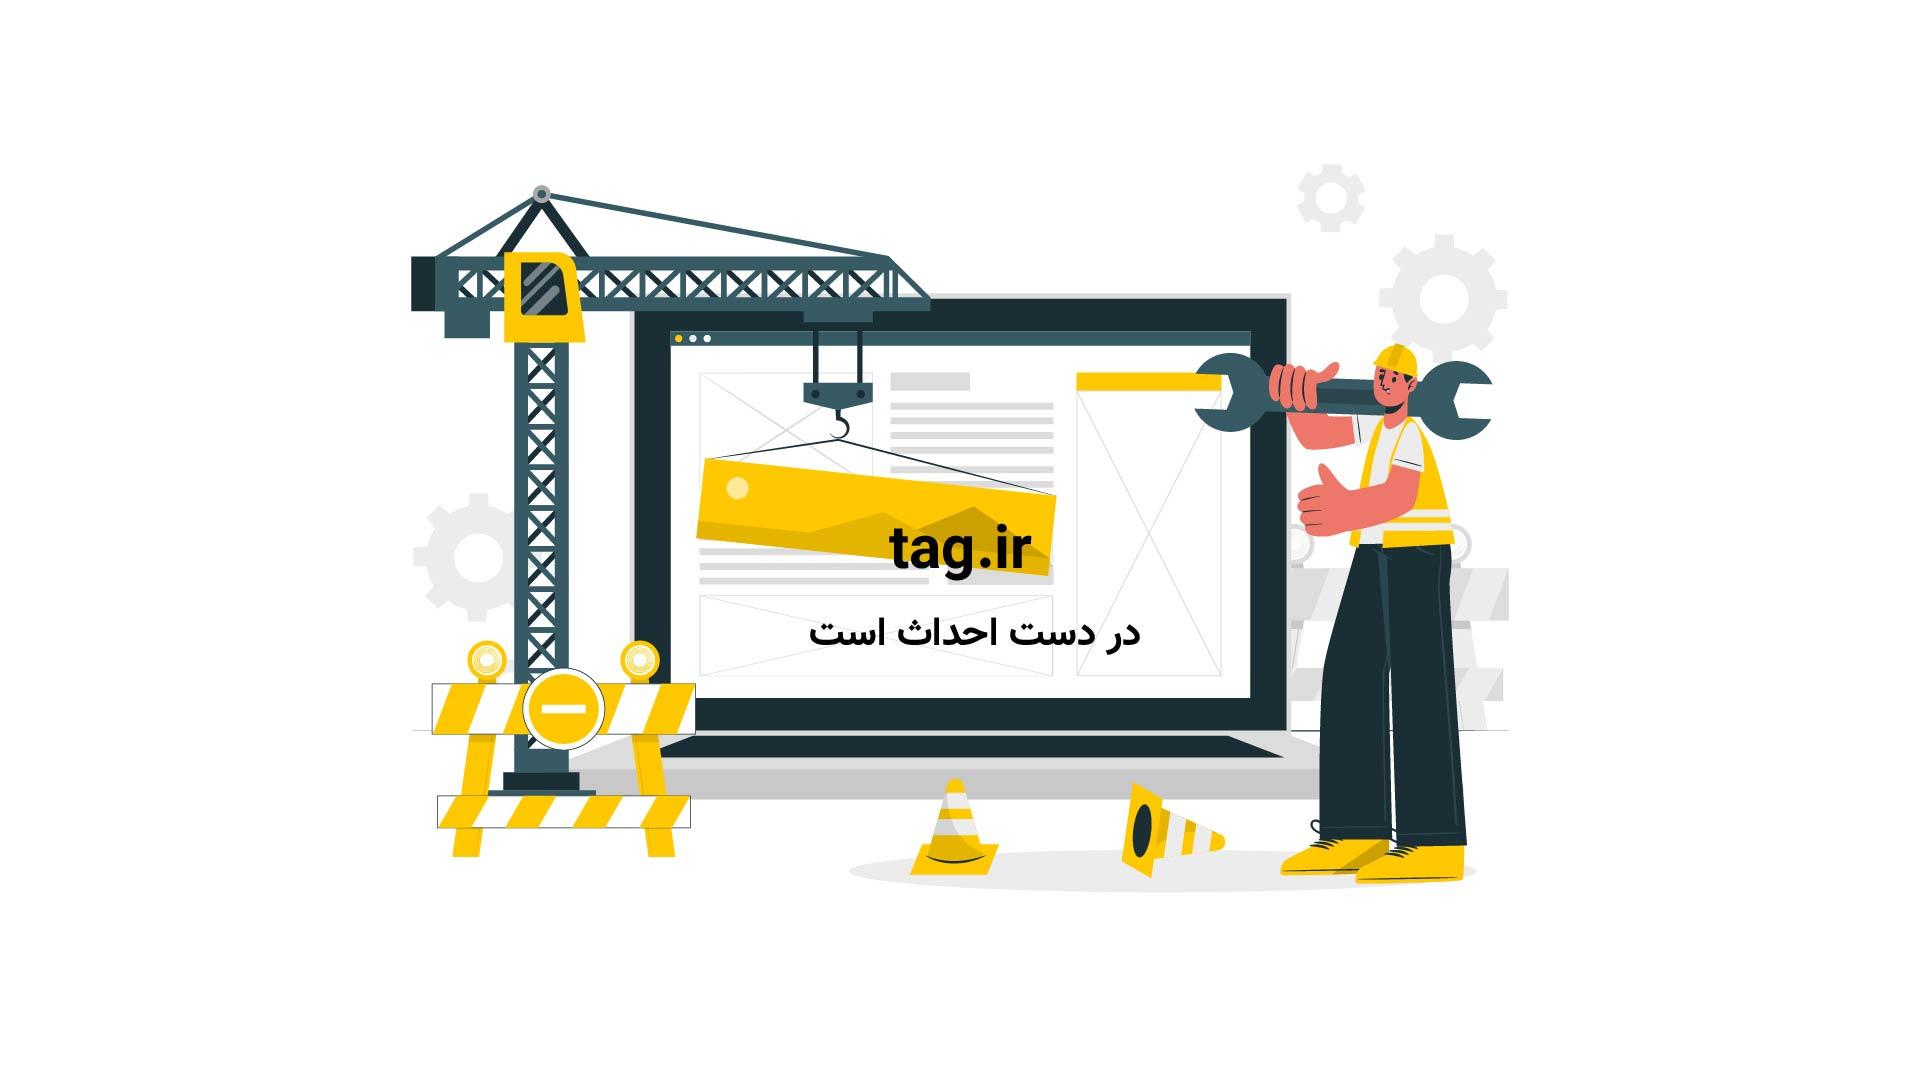 آموزش ساخت جا کلیدی با مهره های رنگی | فیلم